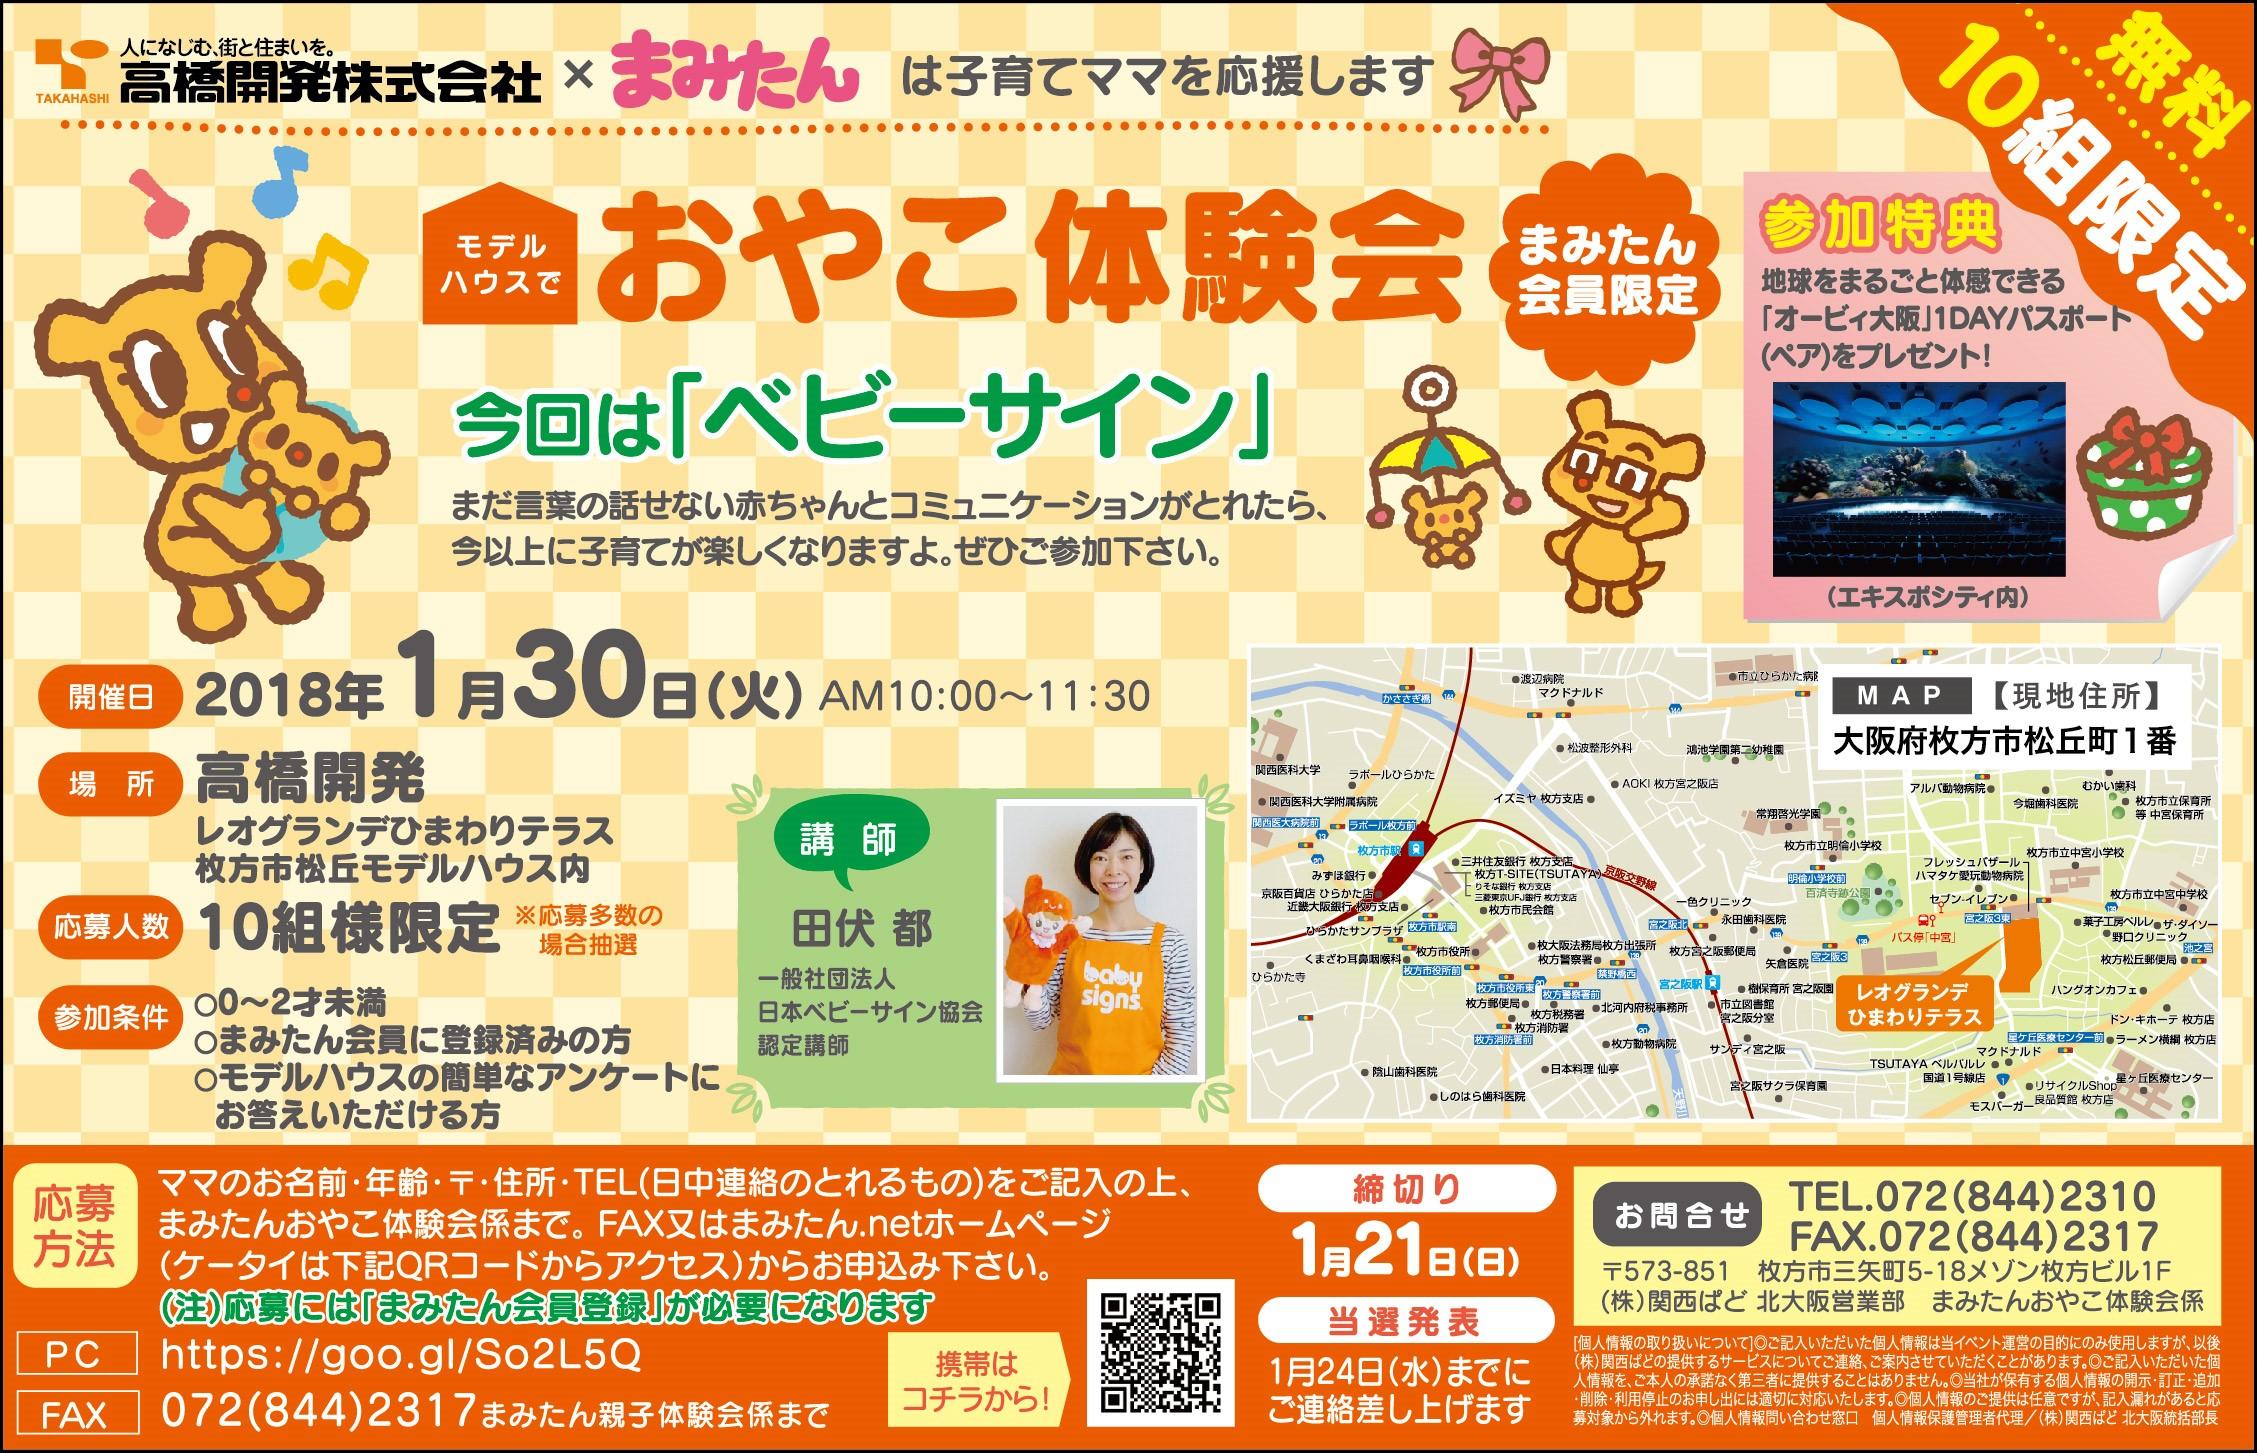 高橋開発×まみたんコラボ企画★ベビーサイン開催!